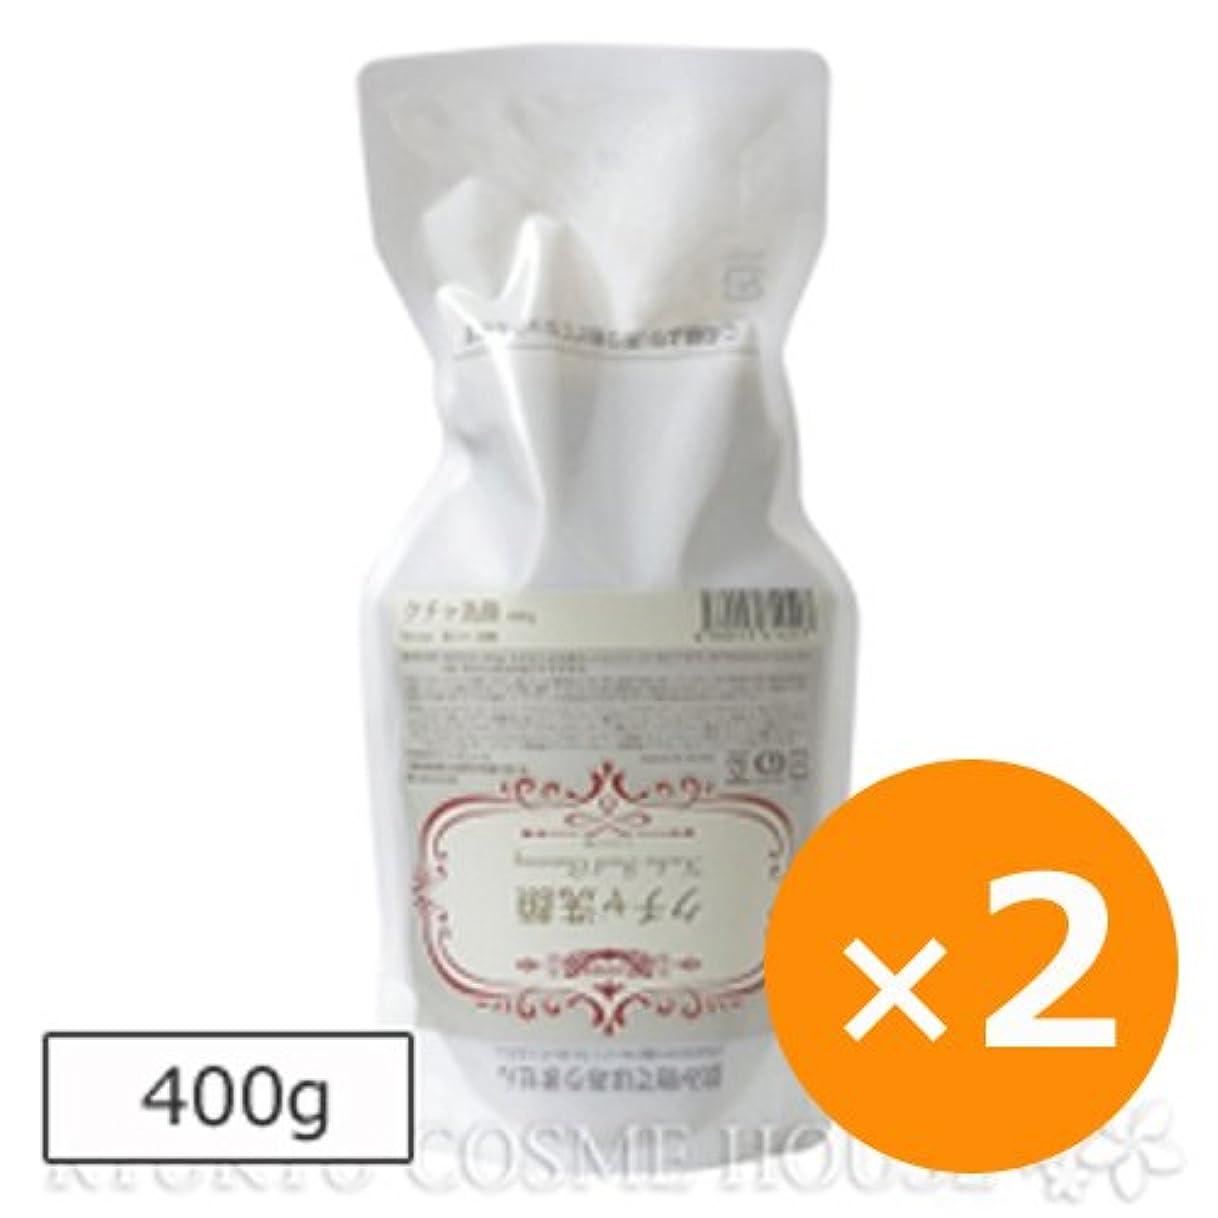 プラスチック葉を拾うブランチRyuspa リュウスパ クチャ洗顔 400g×2個 エコパウチ 詰め替え用